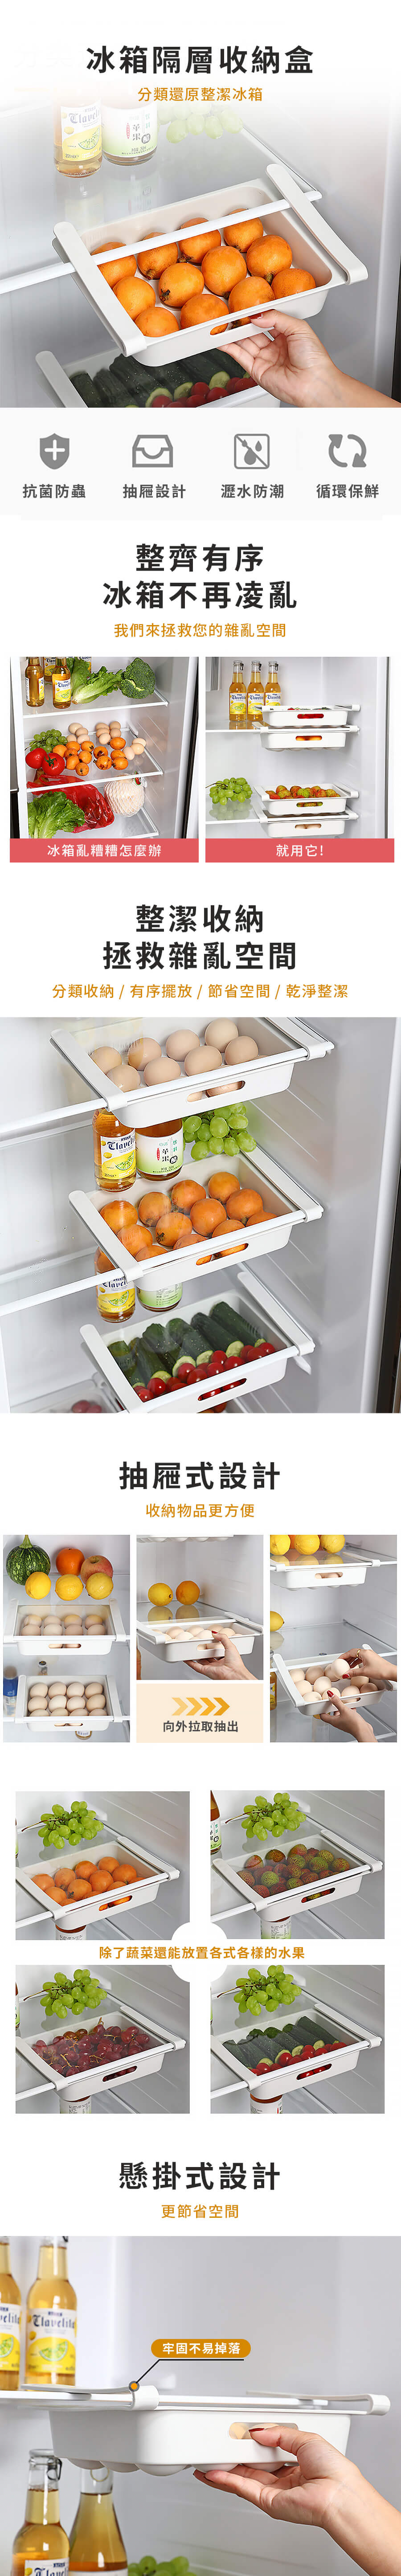 冰箱隔層收納盒_PDP_20210113_1.jpg